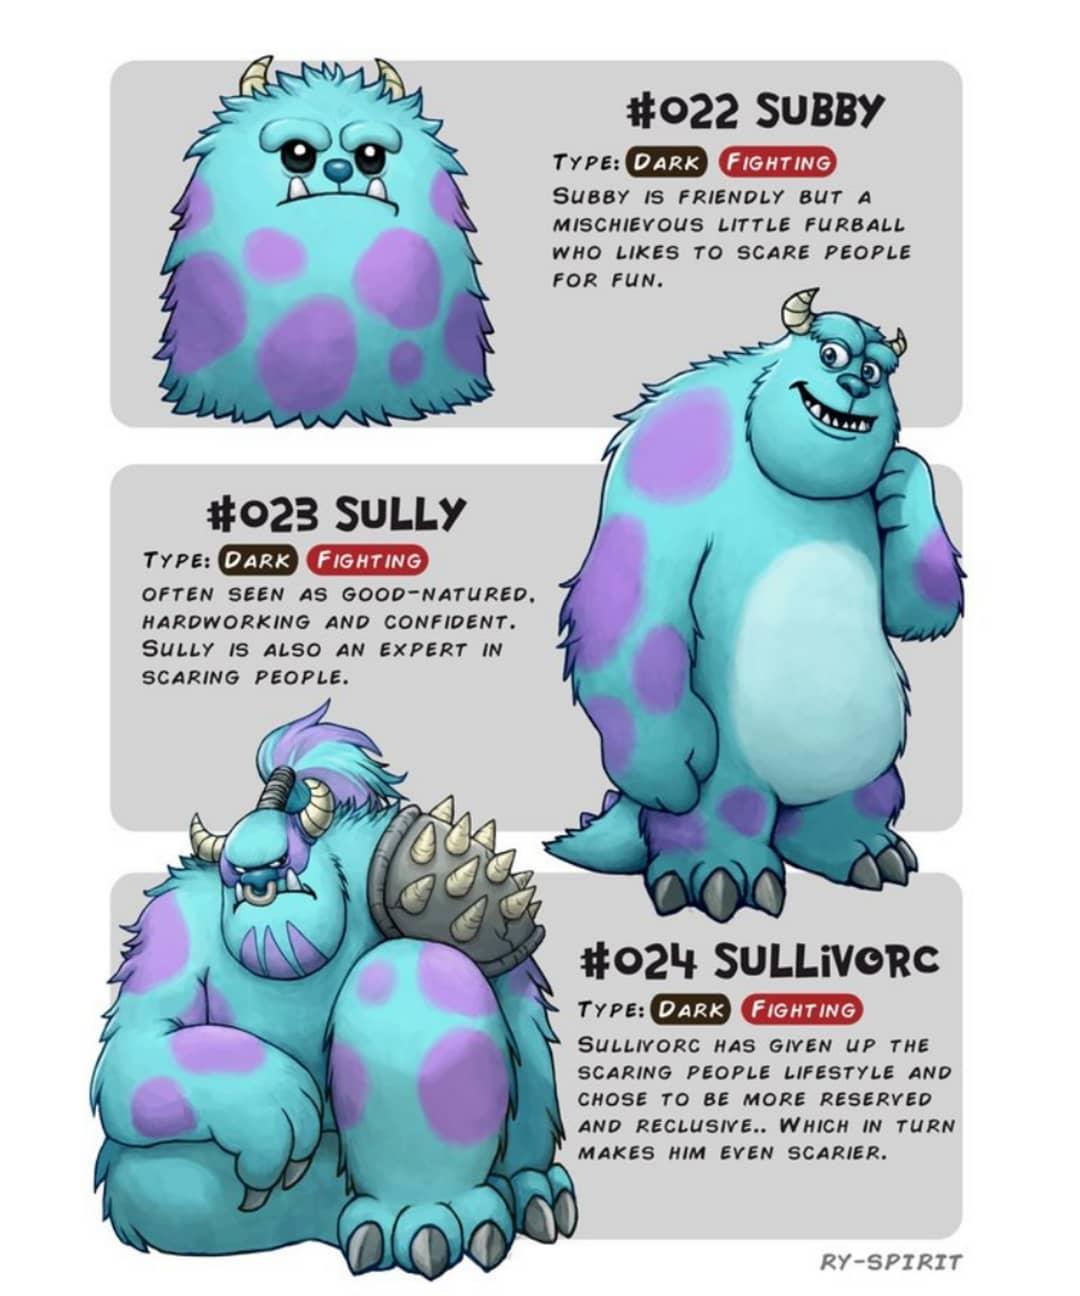 17張卡通人物「有童年還會進化」的成長變化圖 長大果然會歪掉!